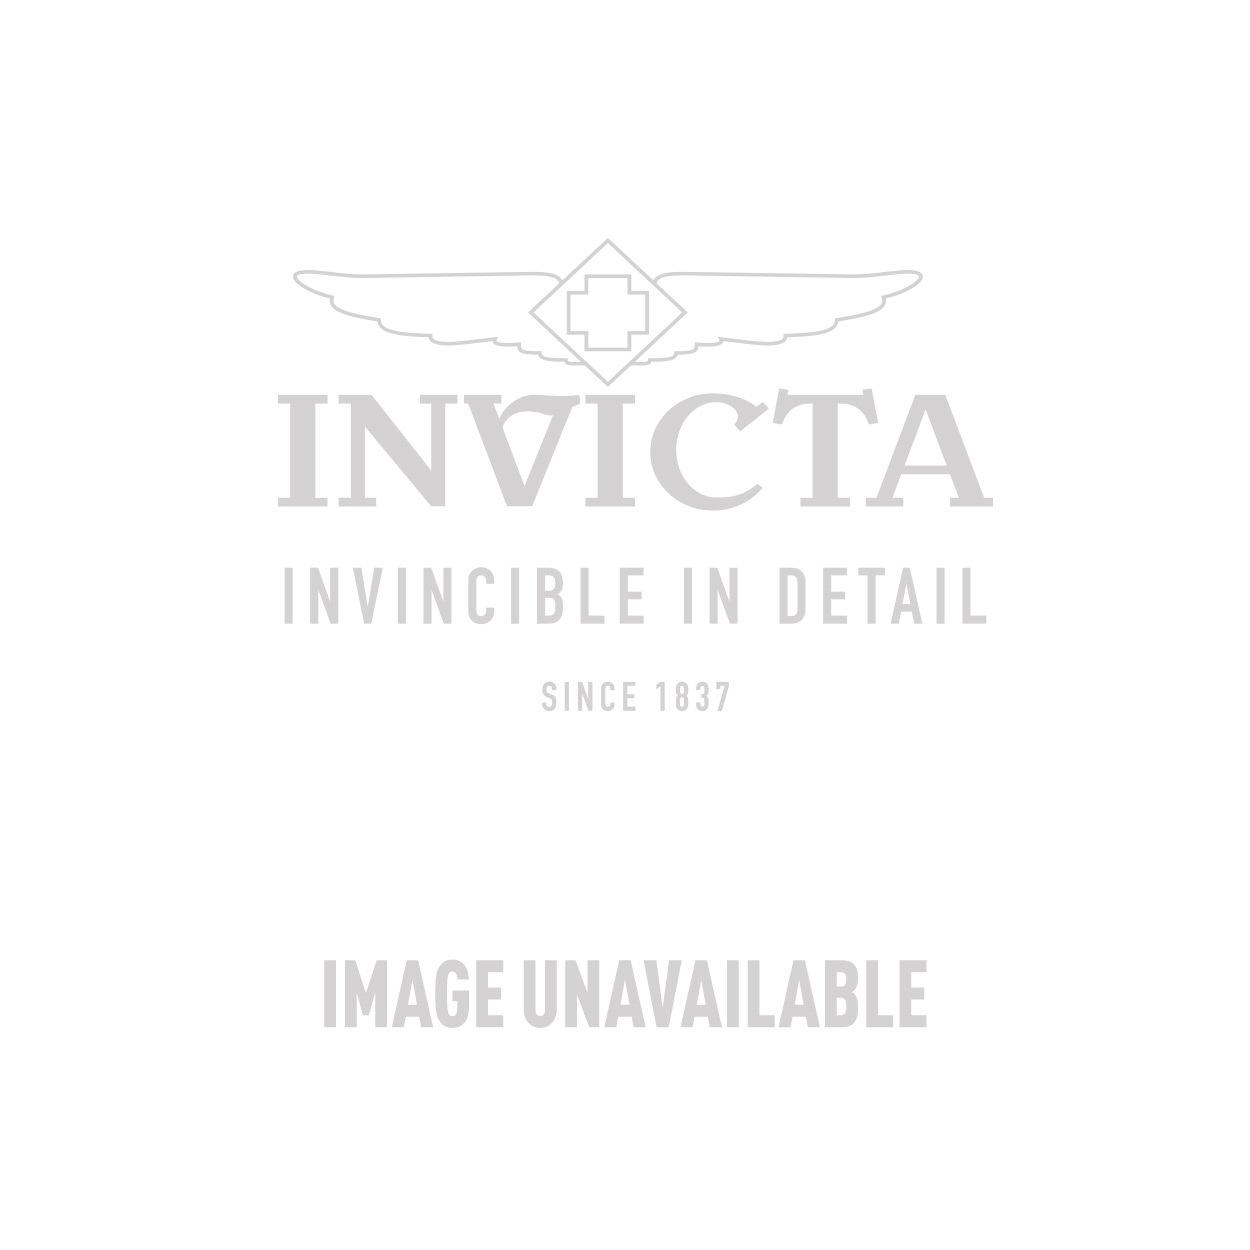 Invicta Model 28538